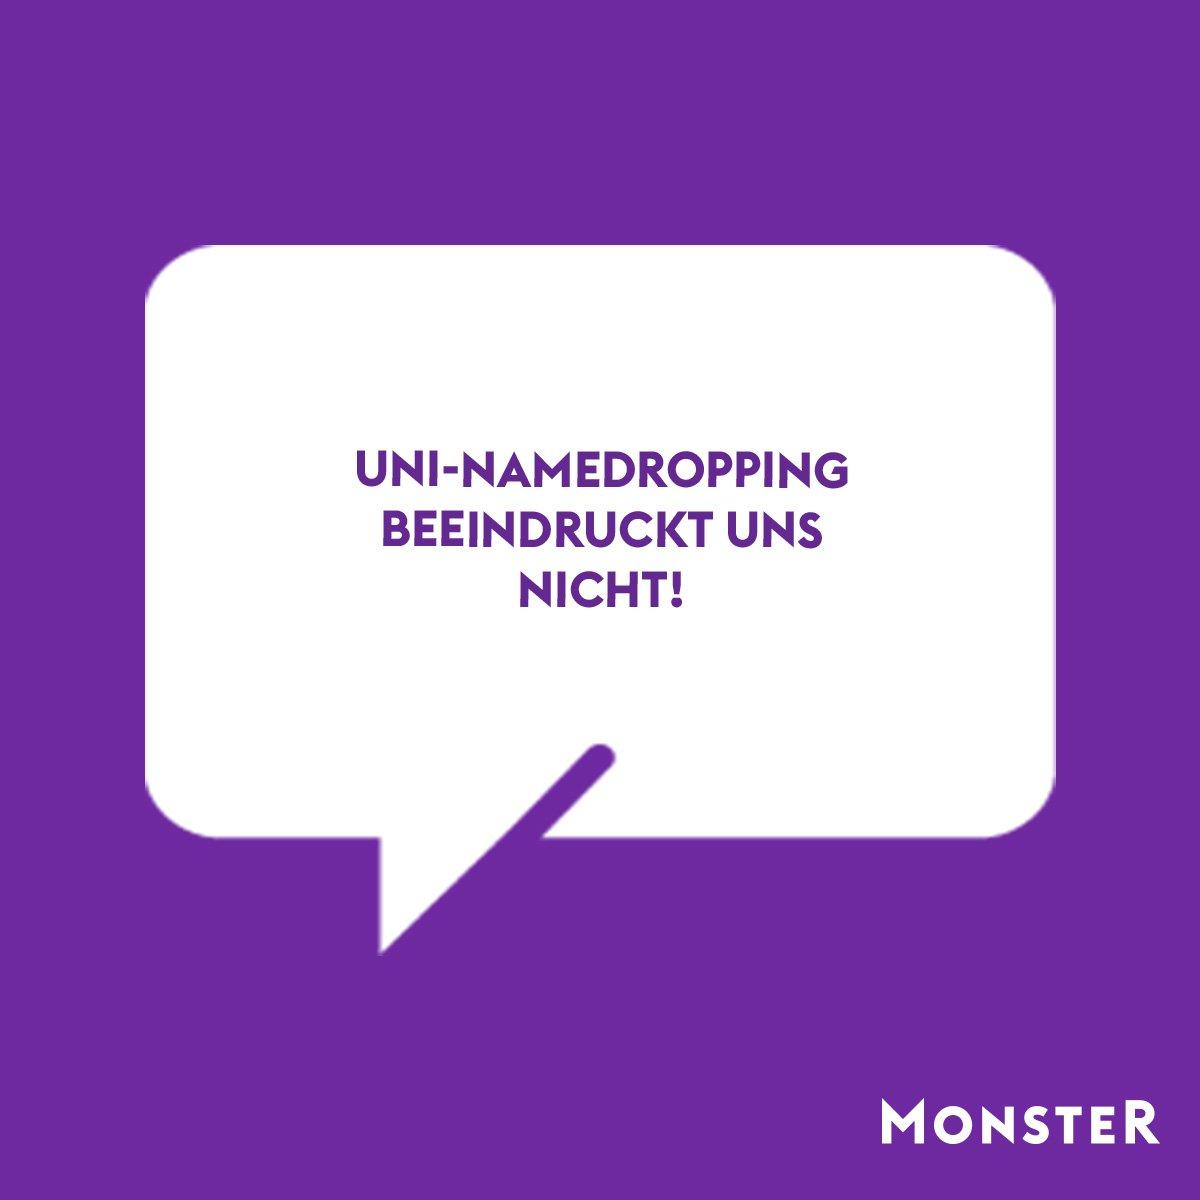 Ausgezeichnet Lebenslauf Auf Monster Posten Fotos - Beispiel ...